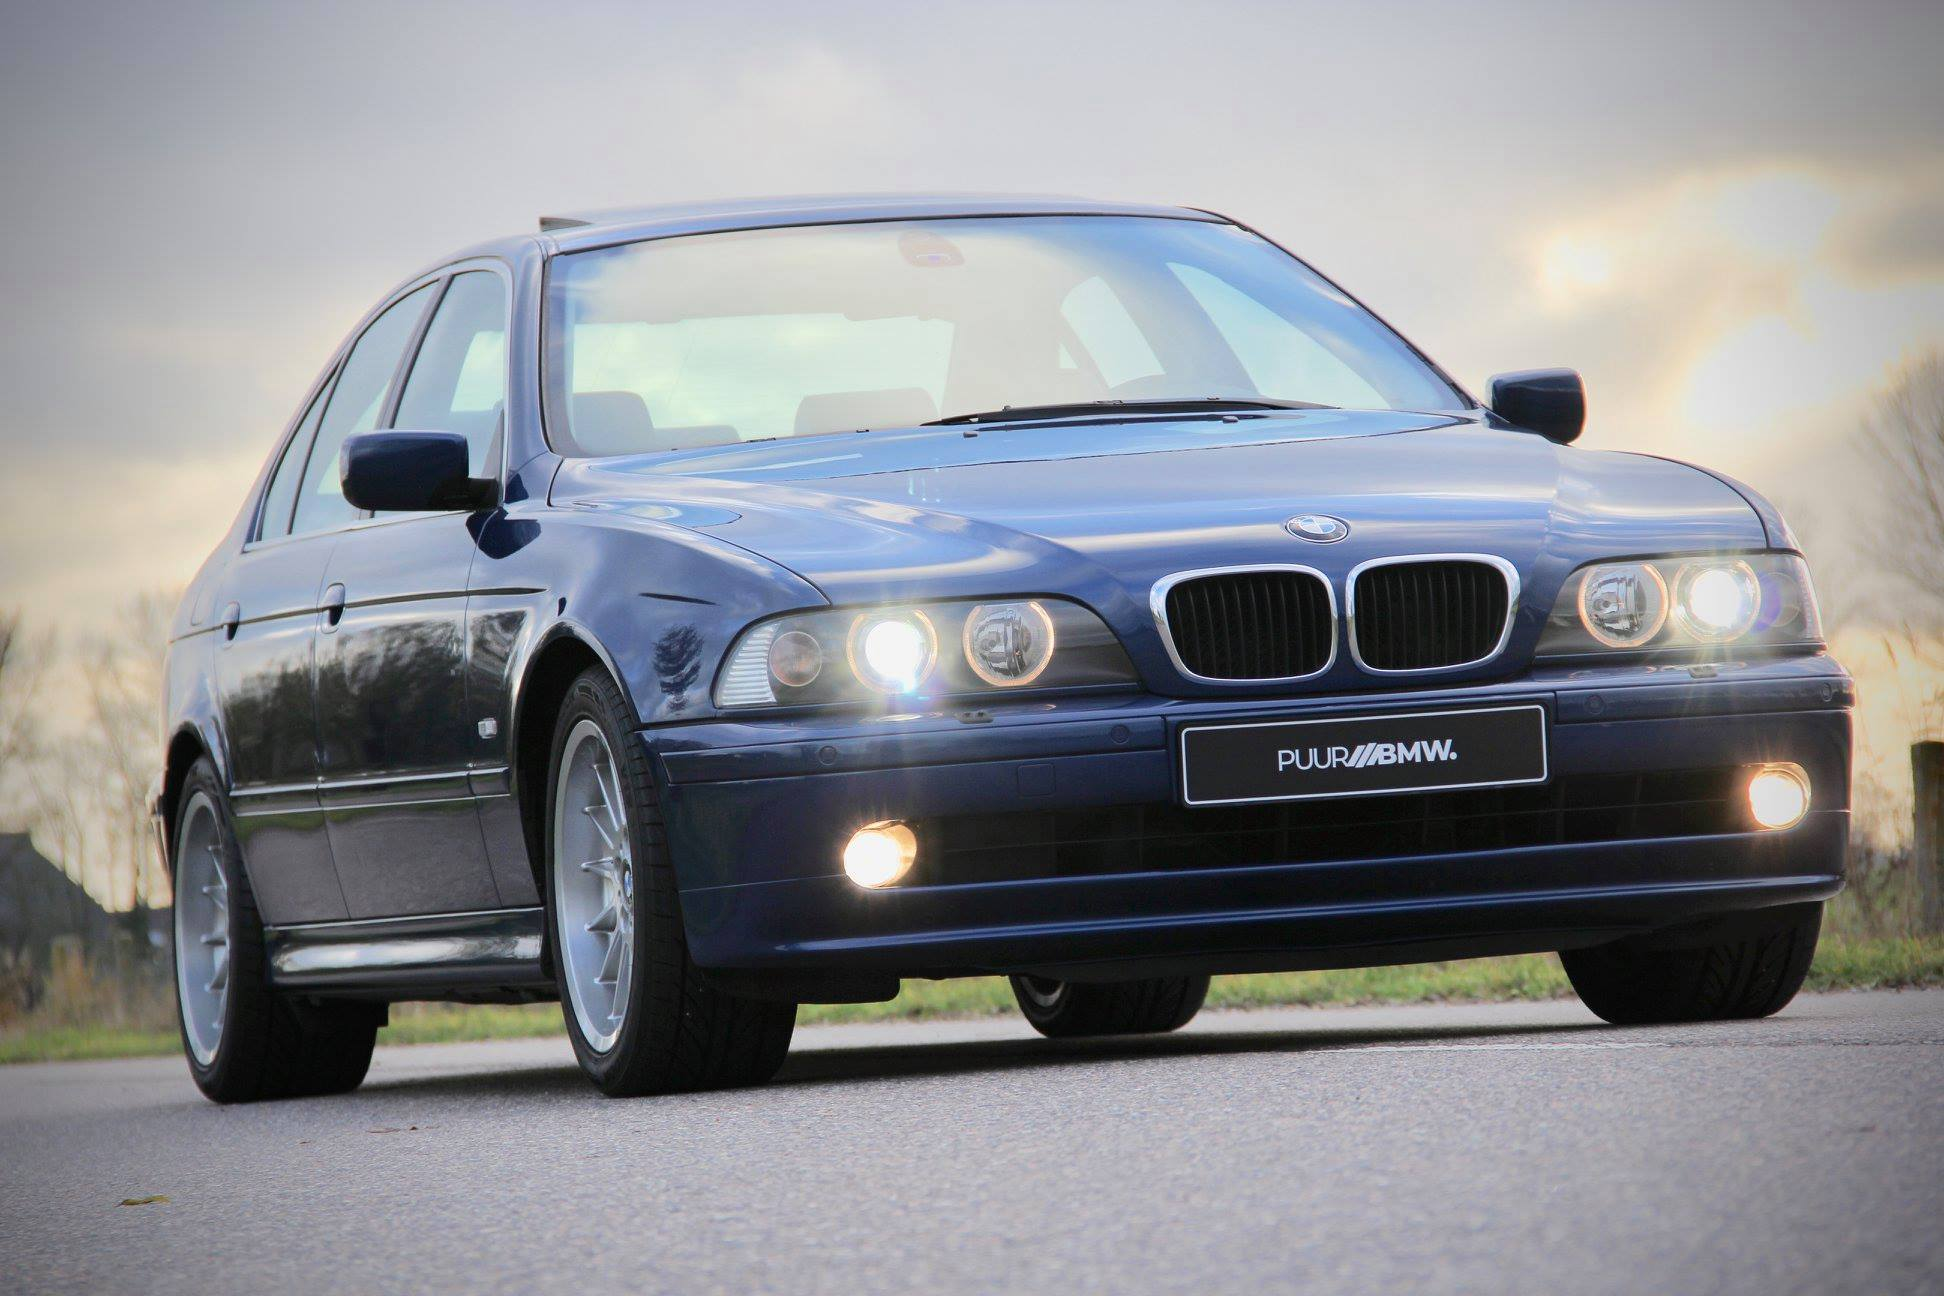 De BMW 5-serie E39 is een vrouwenauto! - Blog - PUUR BMW